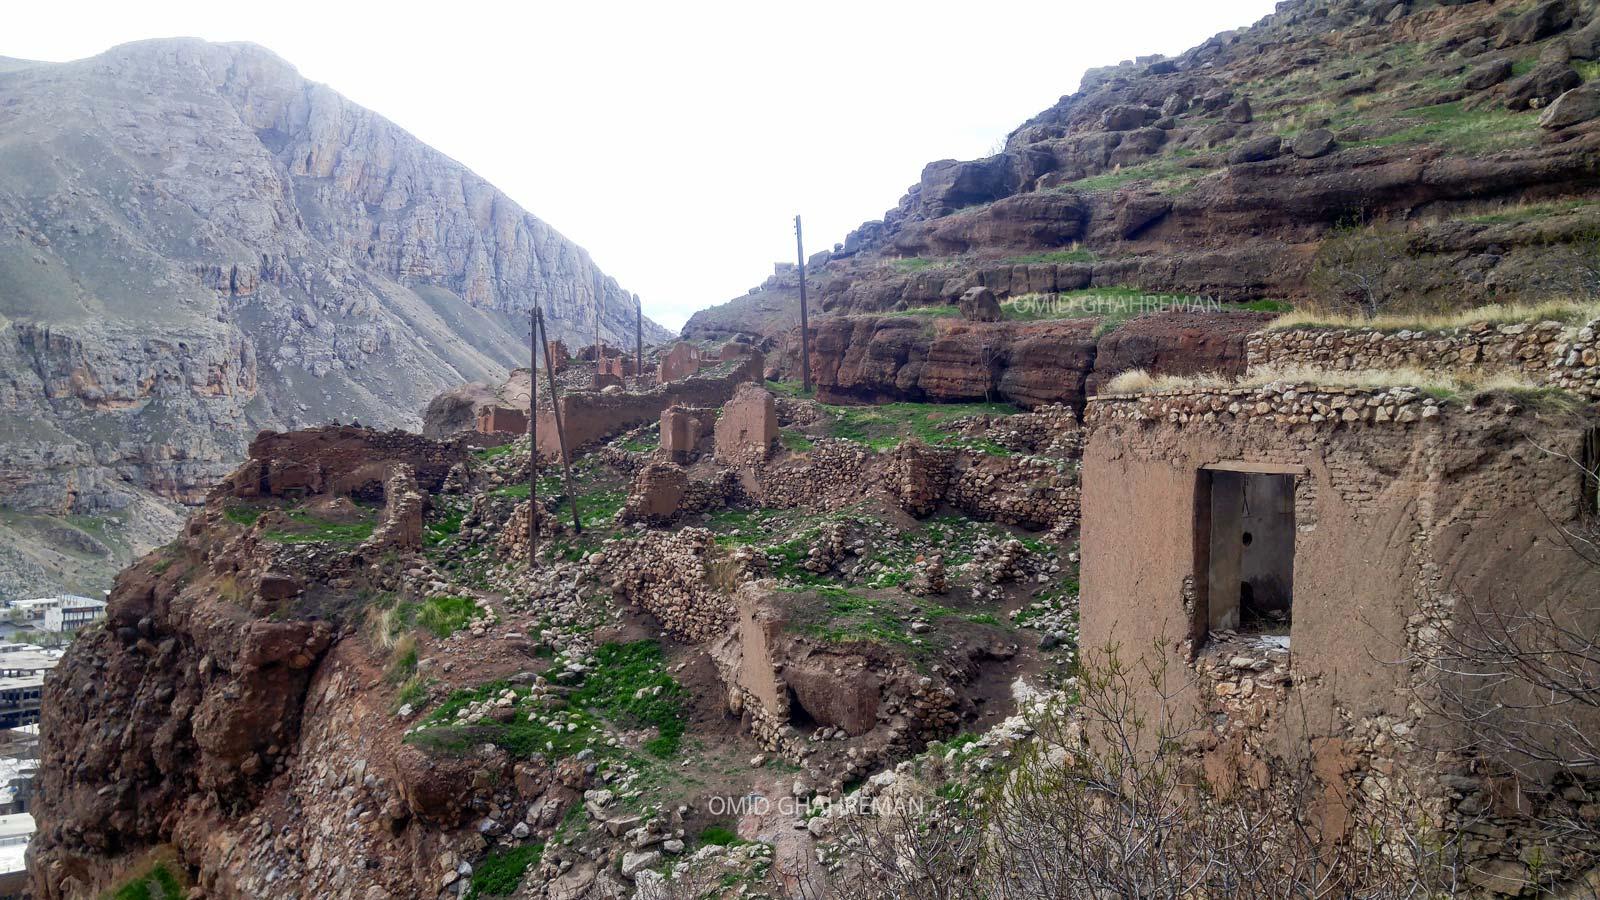 خانه های قدیمی زیر کوهی در زیر کلاهک سنگی قیه